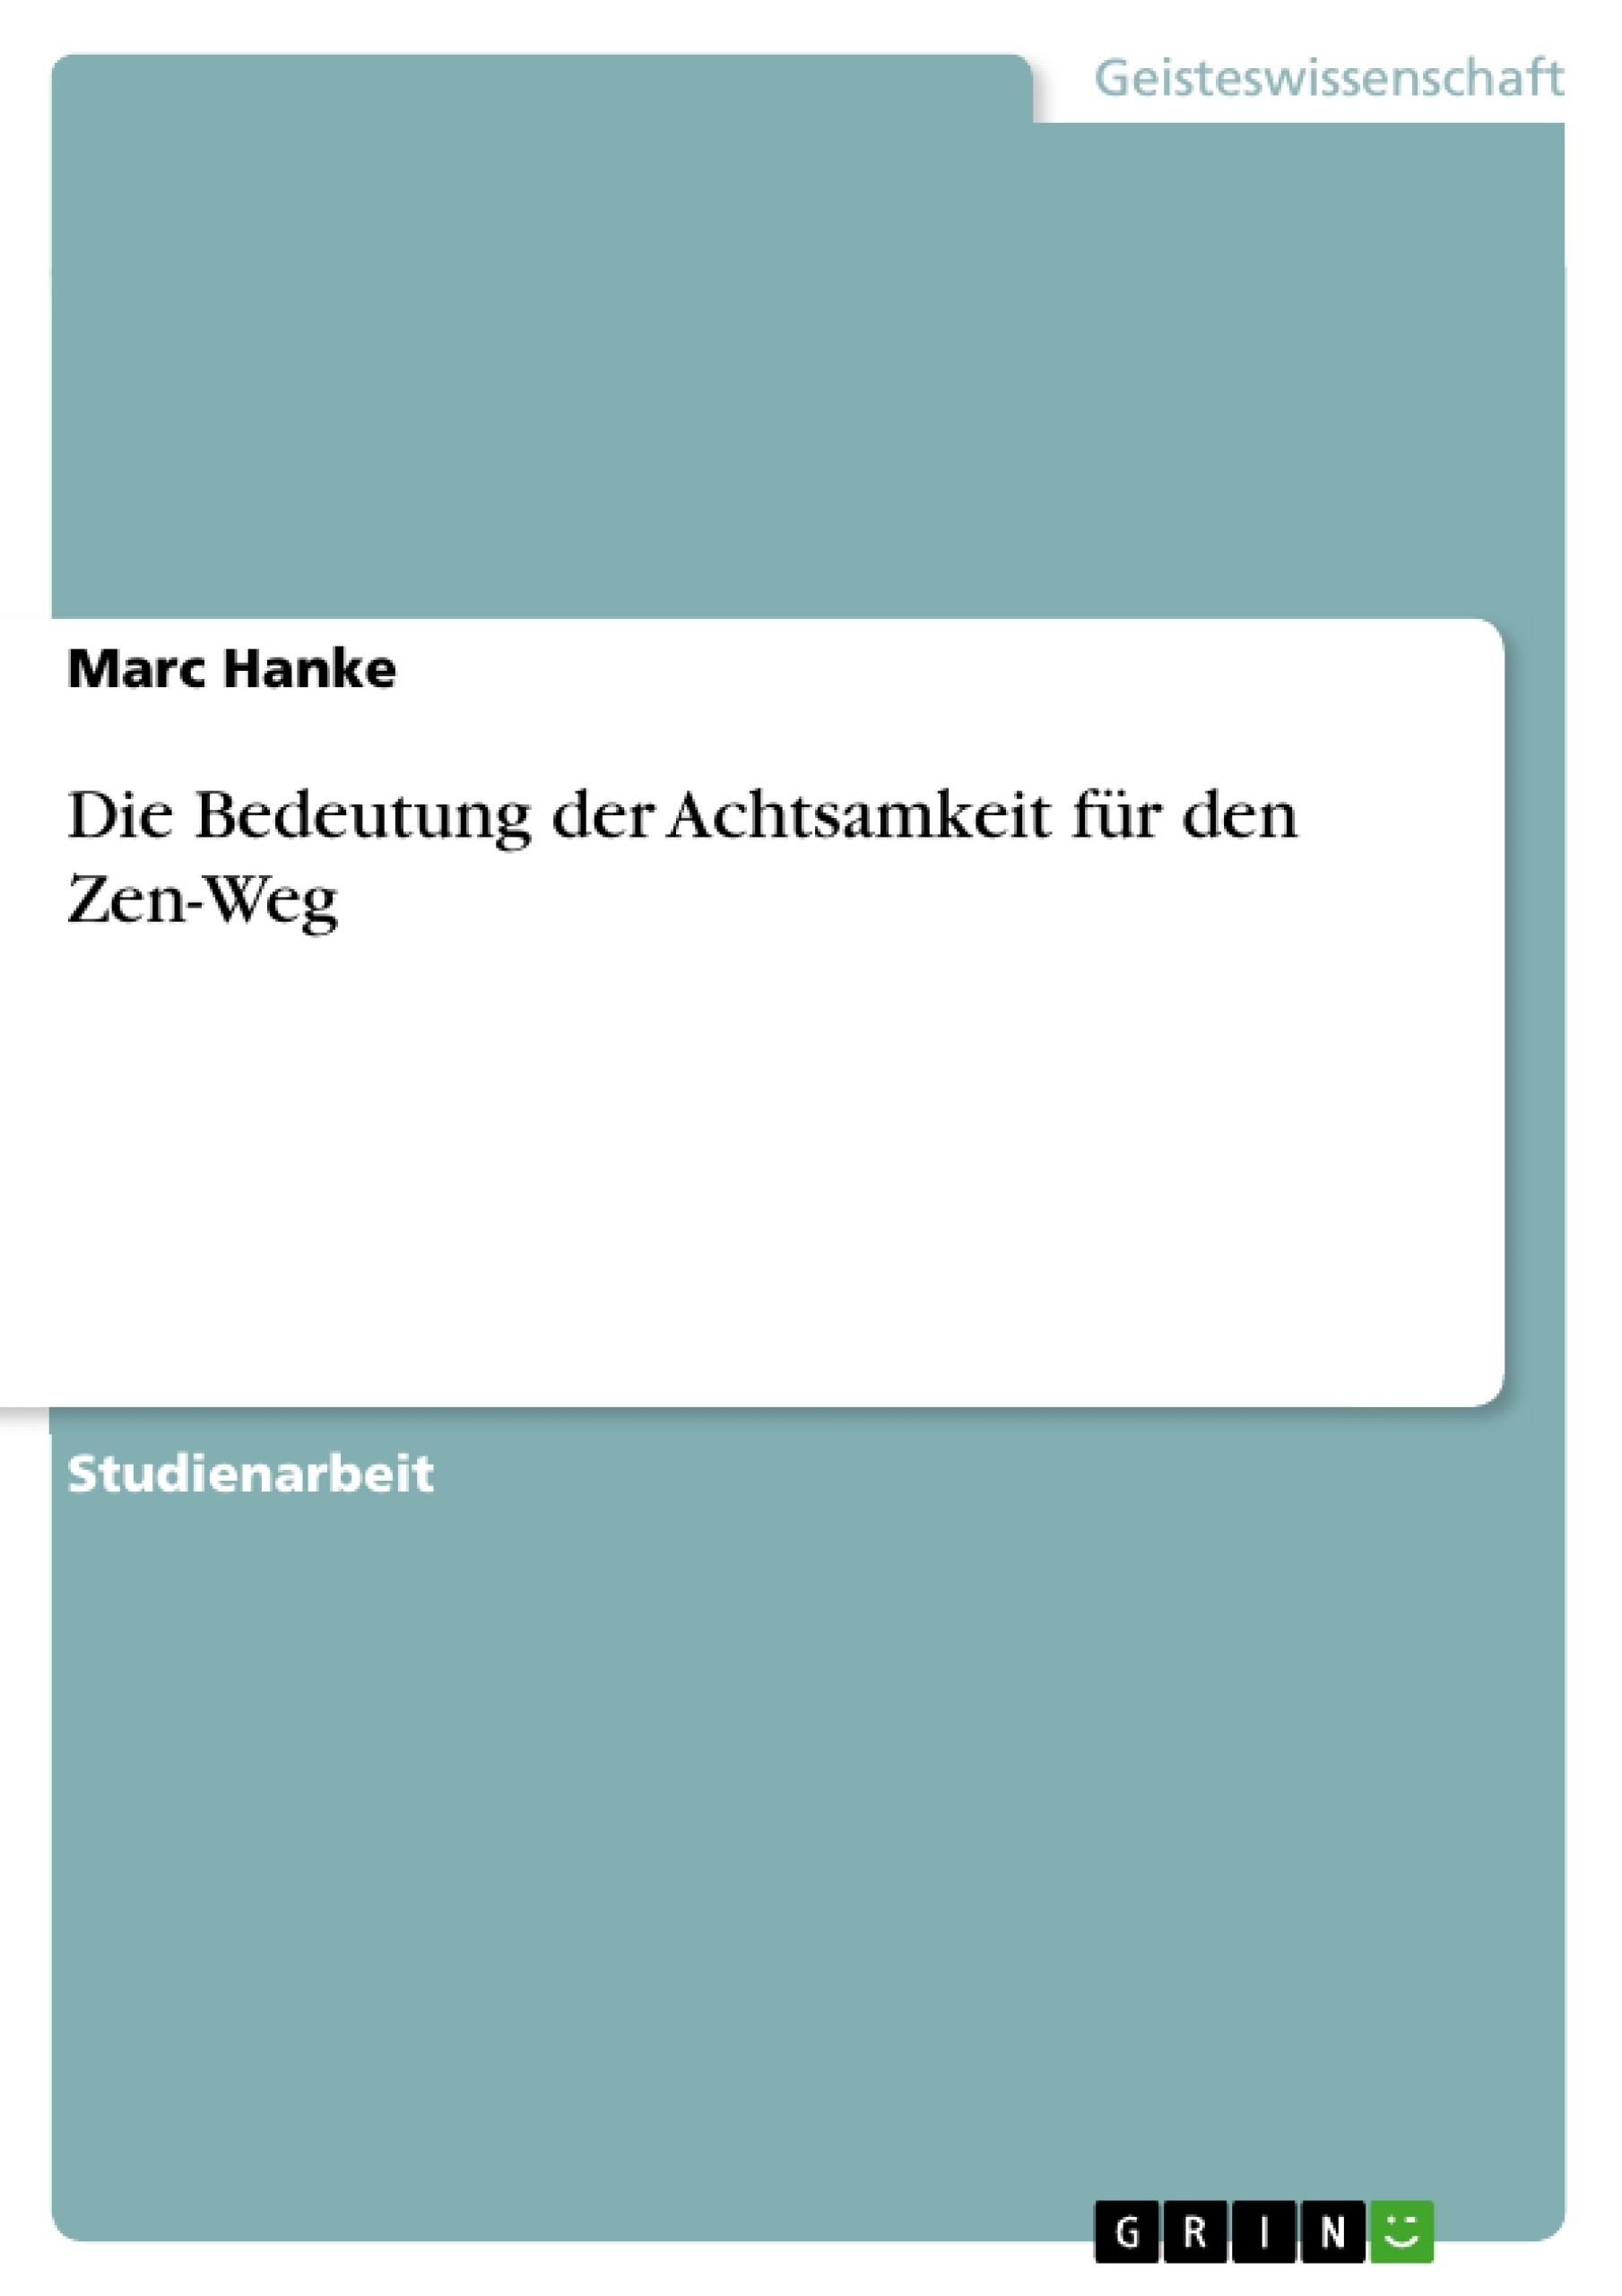 Titel: Die Bedeutung der Achtsamkeit für den Zen-Weg